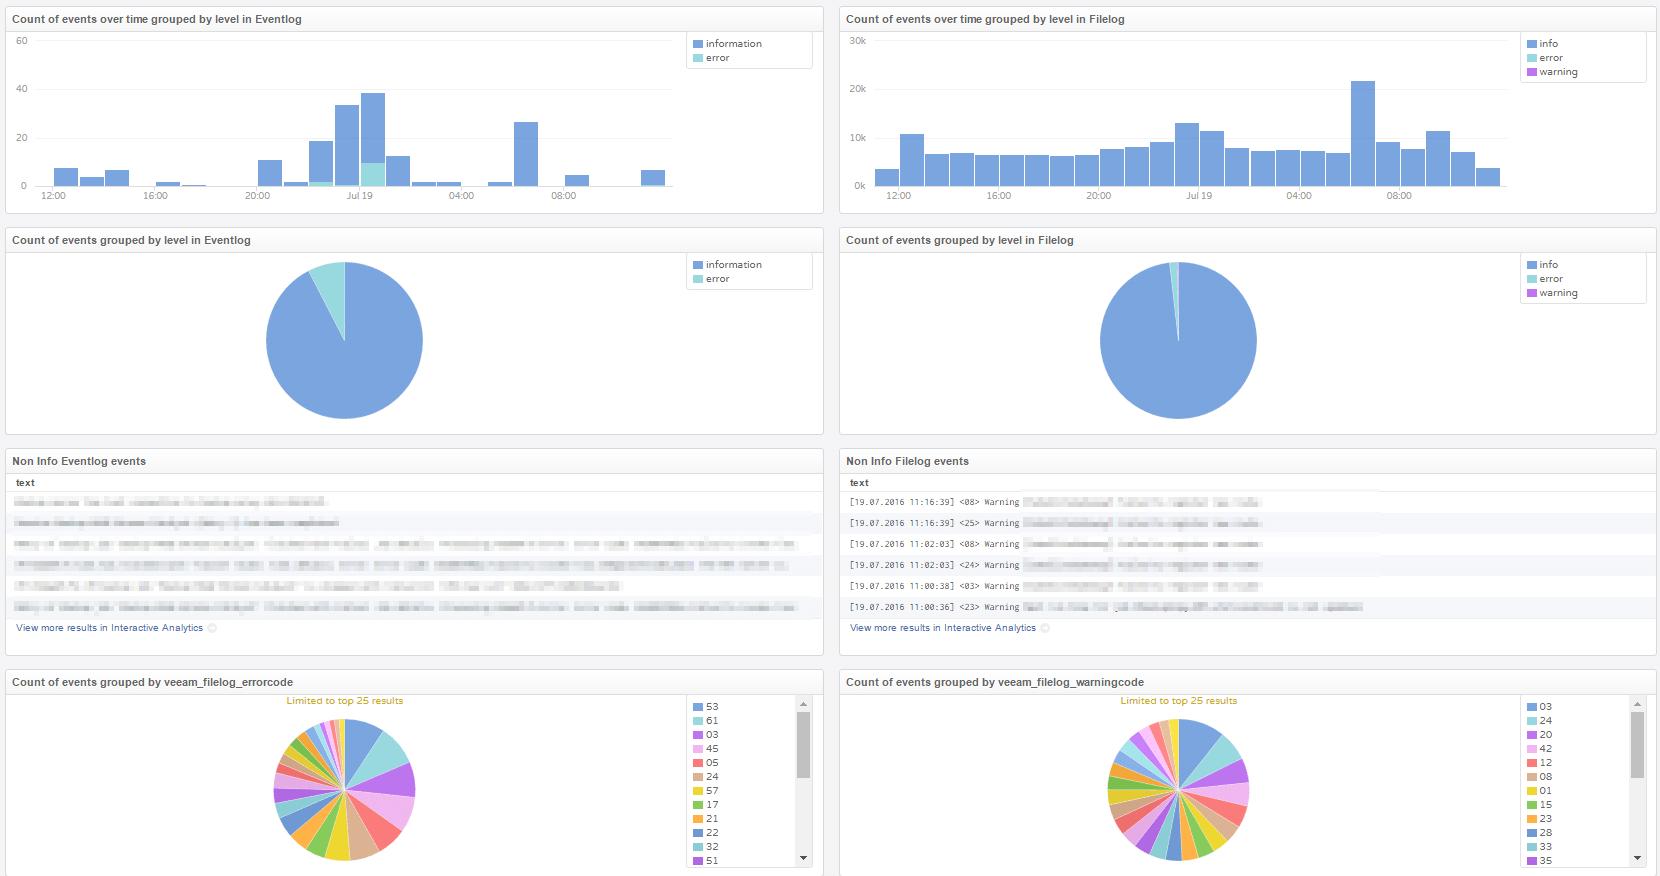 vRealize Log Insight Content Pack für Veeam - Dashboard - Allgemein